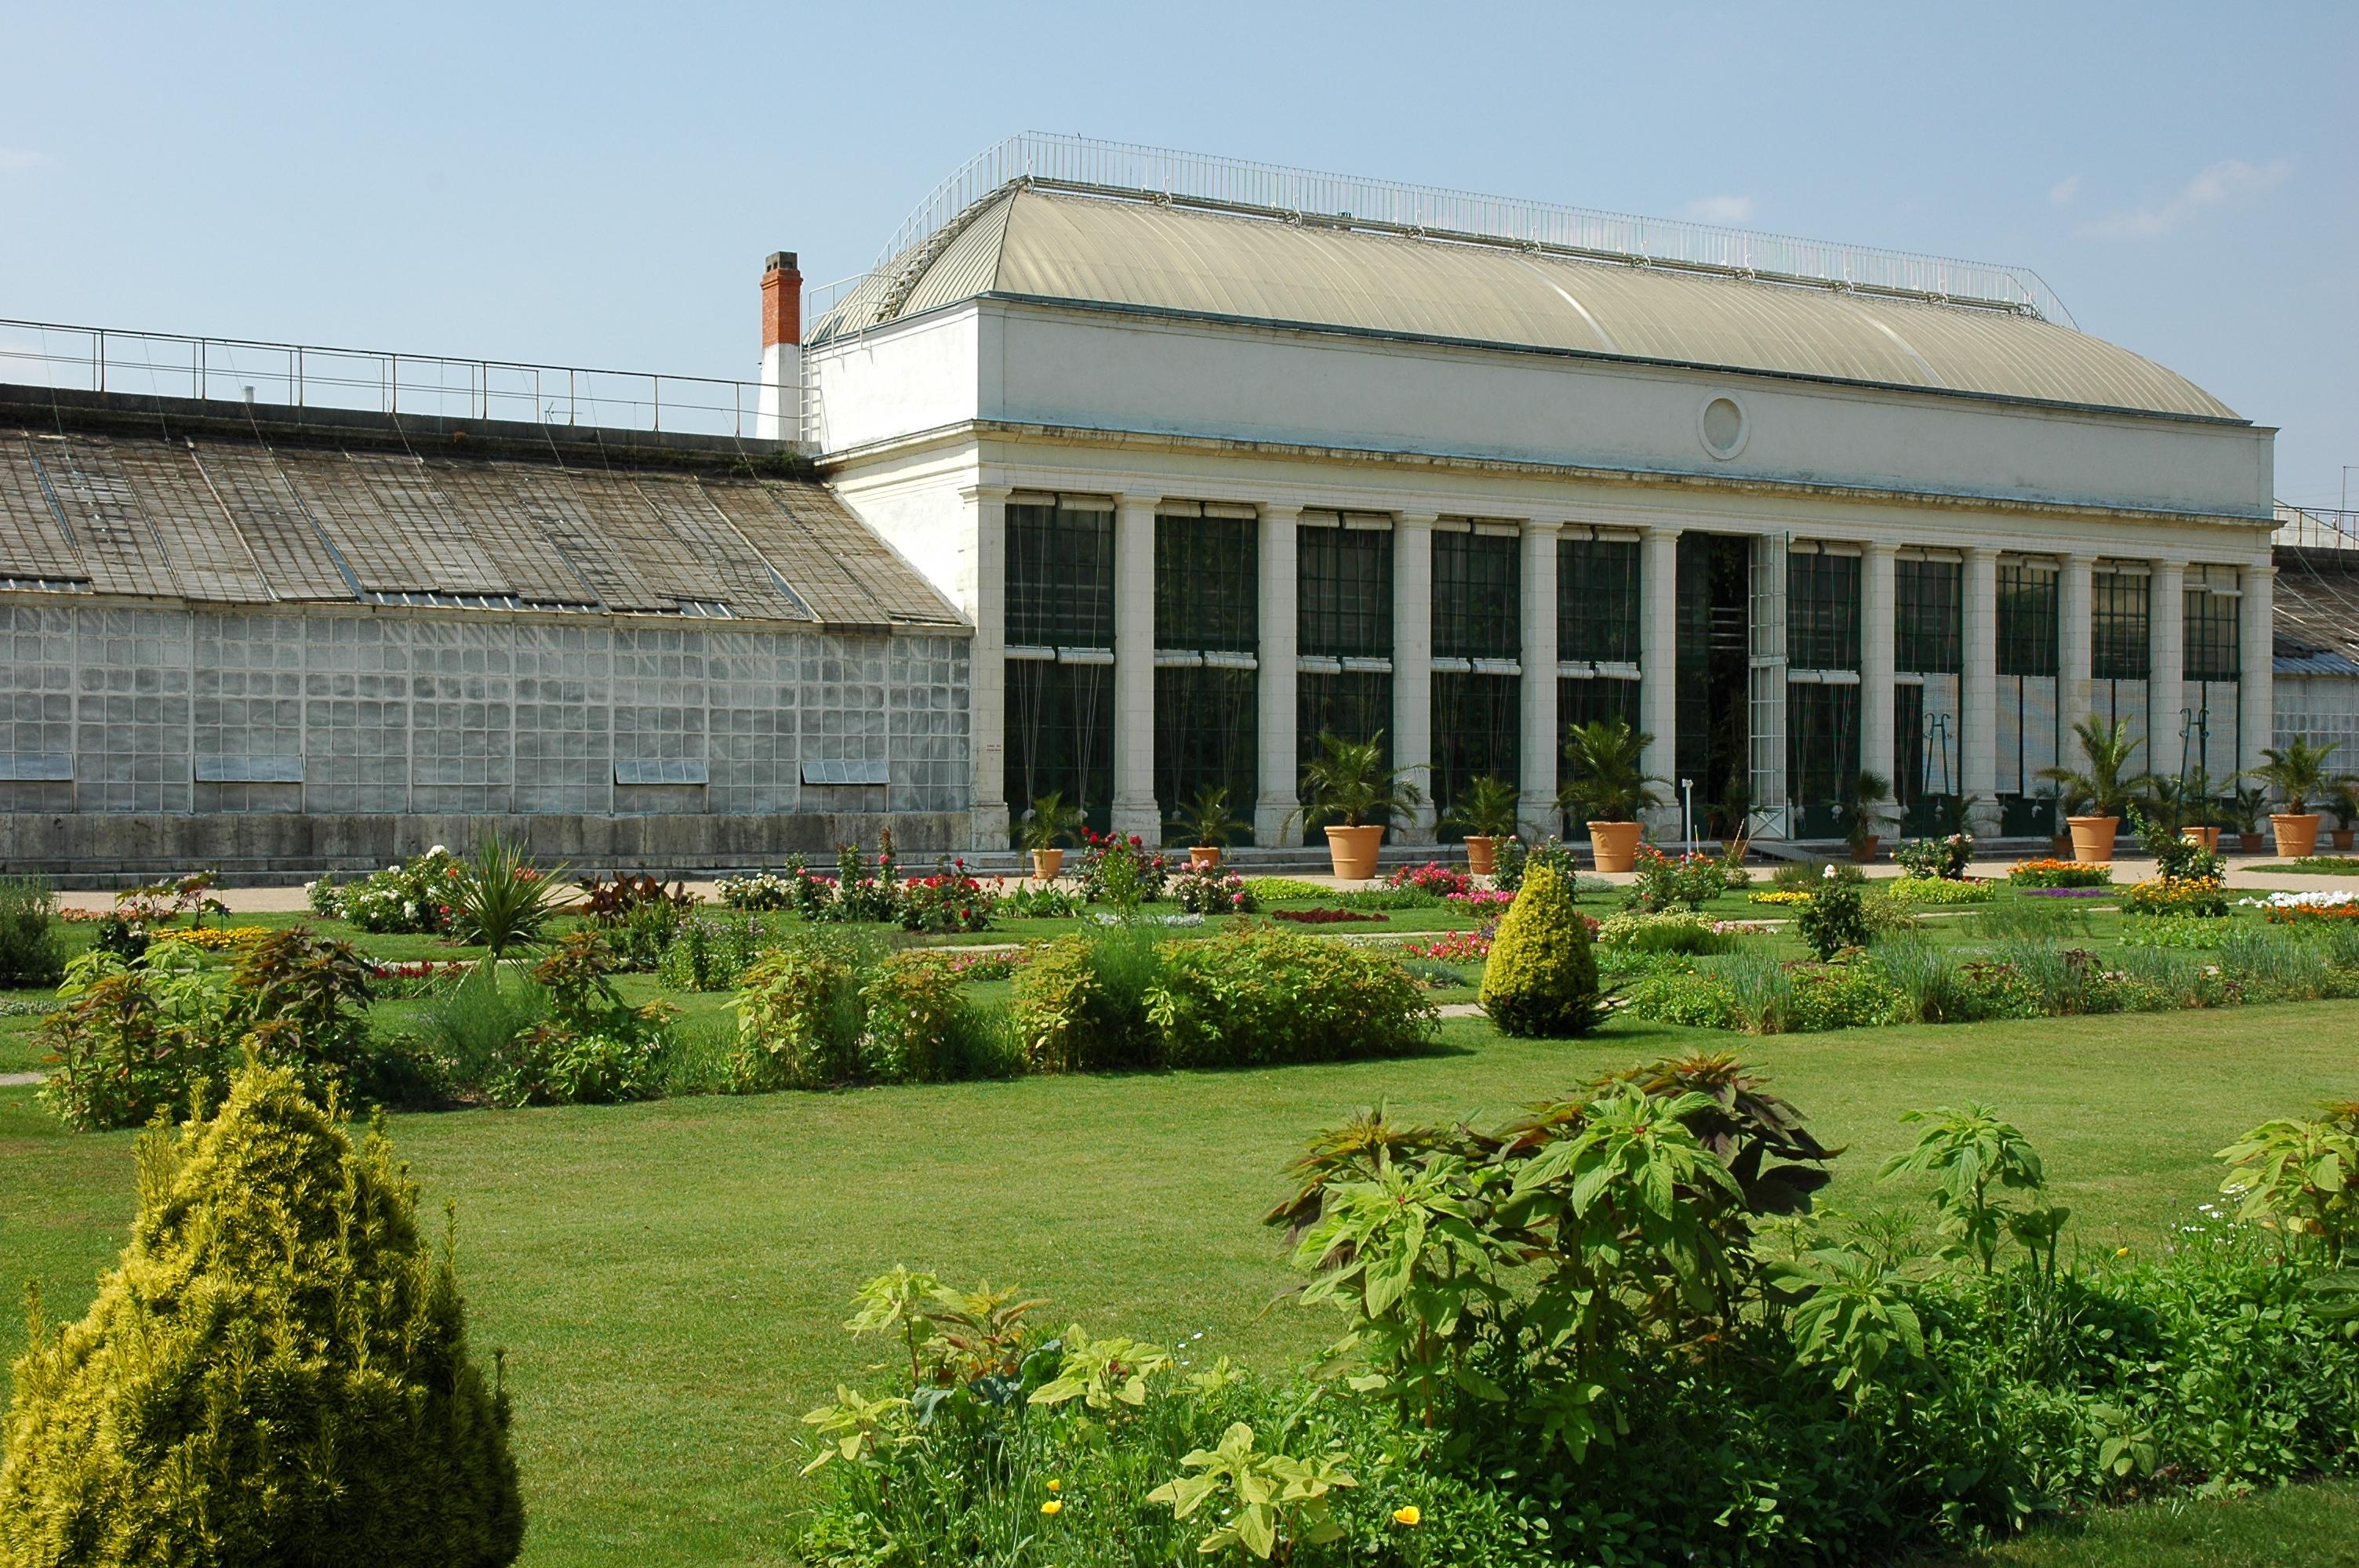 Orangerie du Jardin des plantes